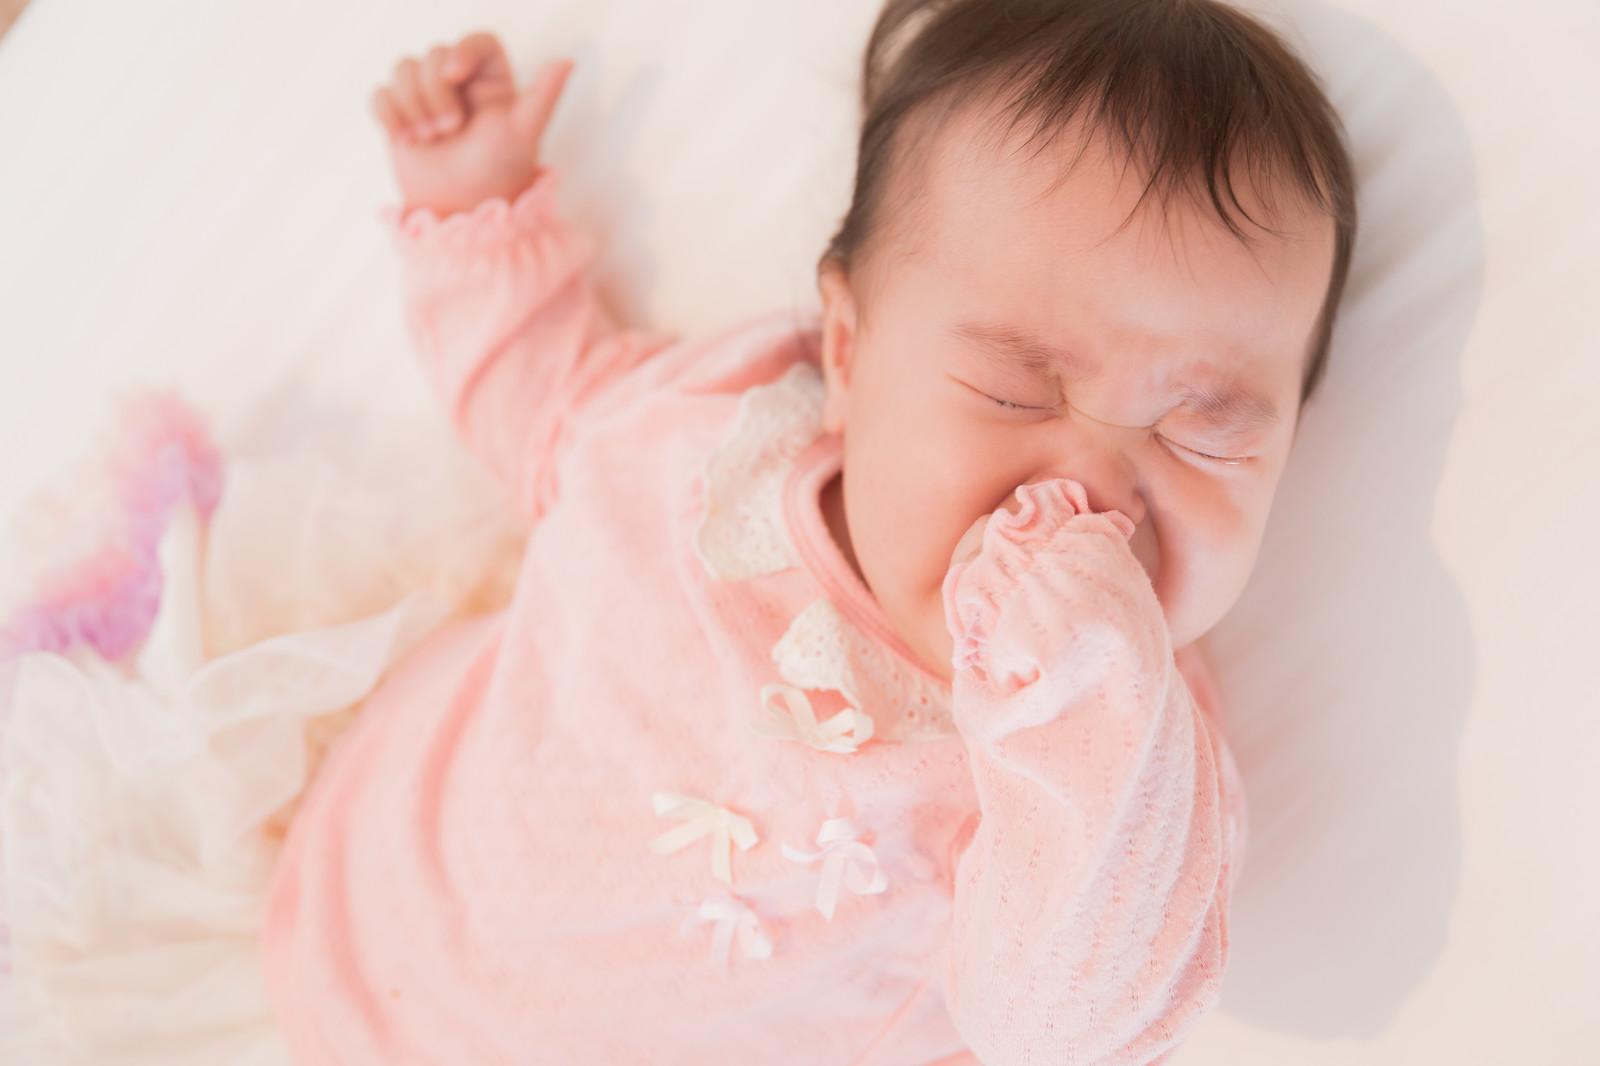 鼻水吸引器を嫌がる子供にはどうしてあげるべき?